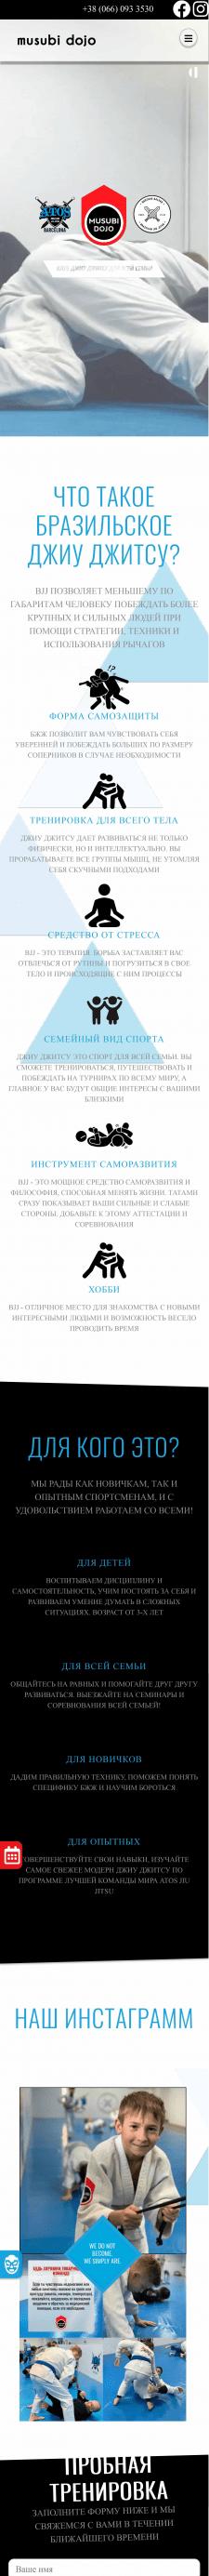 Портал спортивного клуба